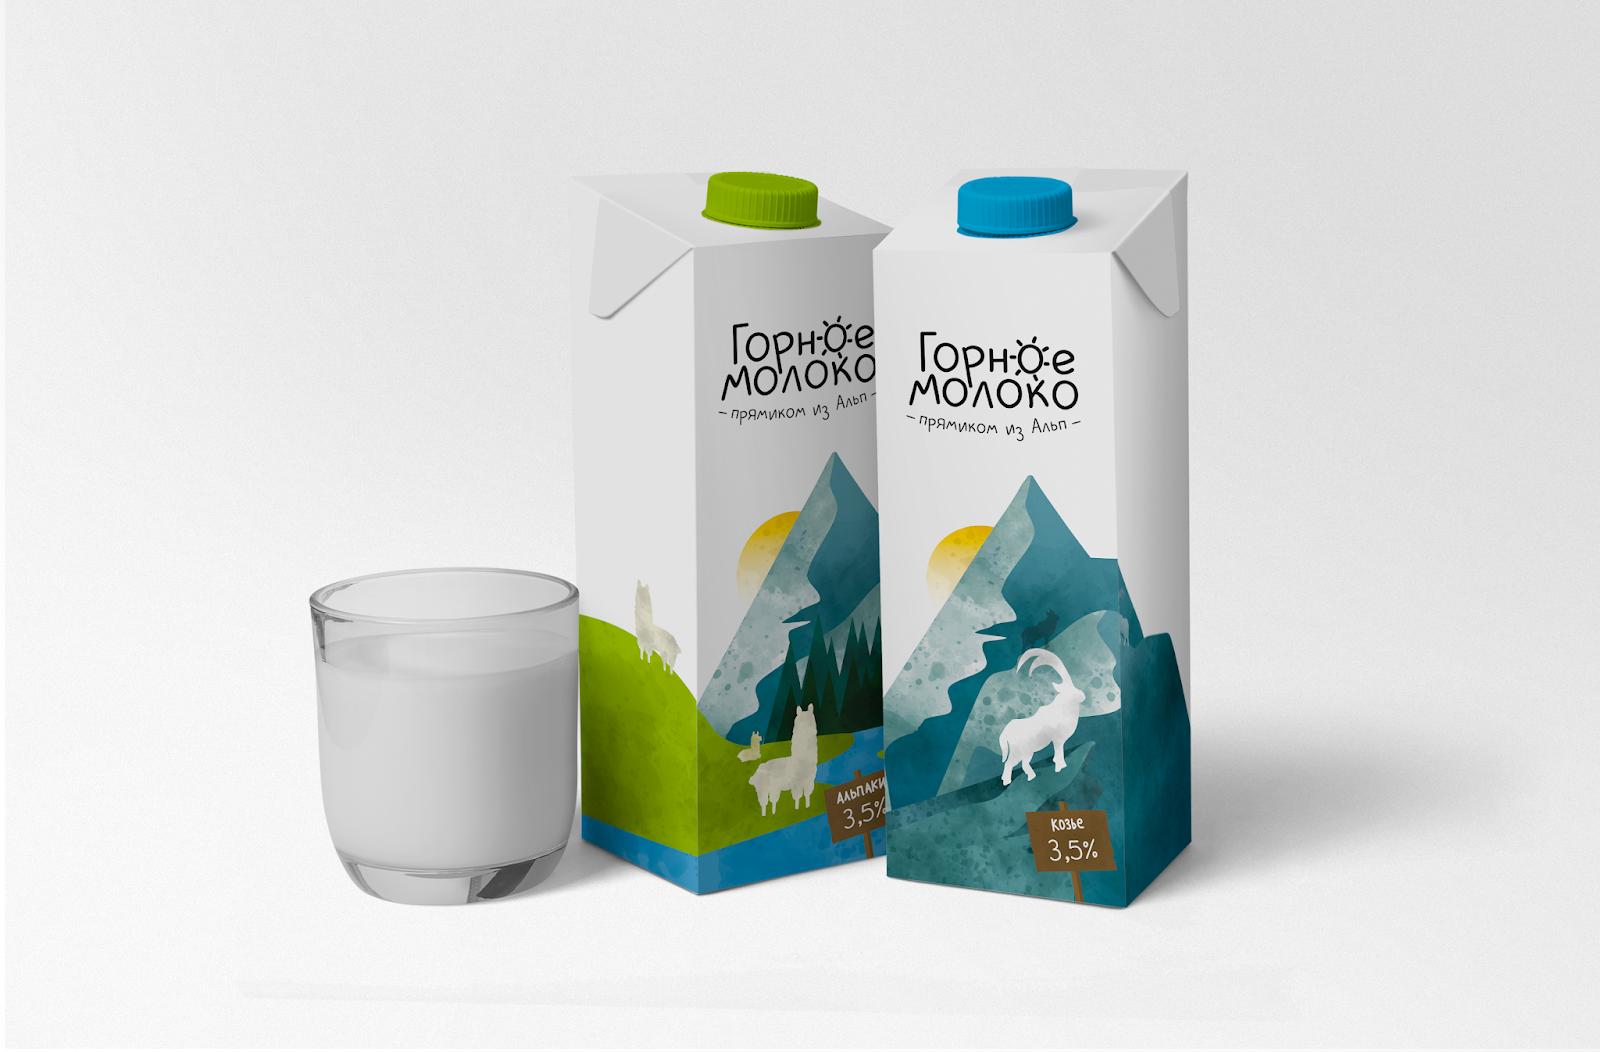 Mountain milk (lait de montagne) I Design (projet étudiant) : Margarita Romanova (HSE Art and Design School), Russie (juillet 2020)